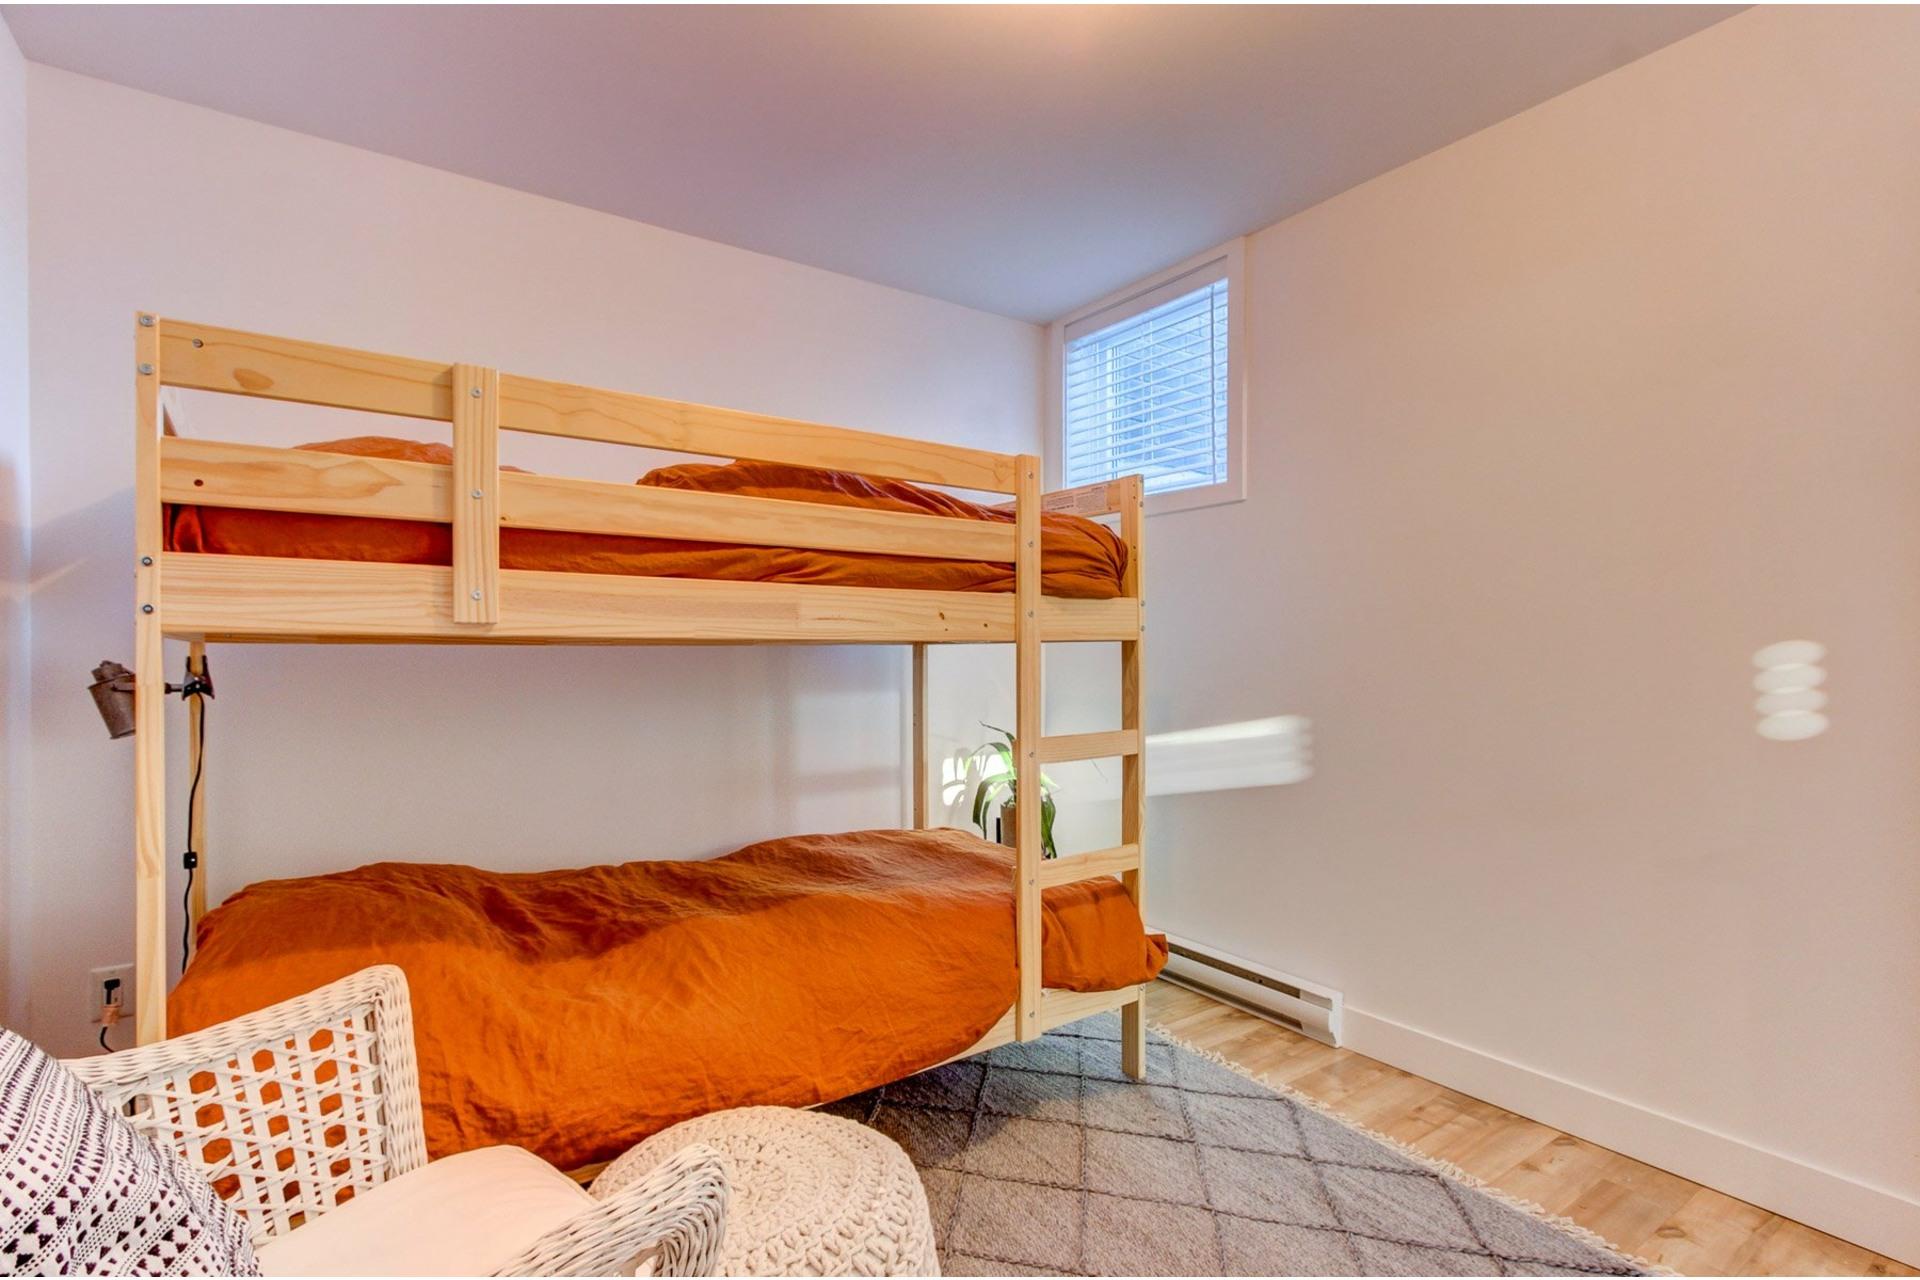 image 17 - Maison À vendre Trois-Rivières - 7 pièces